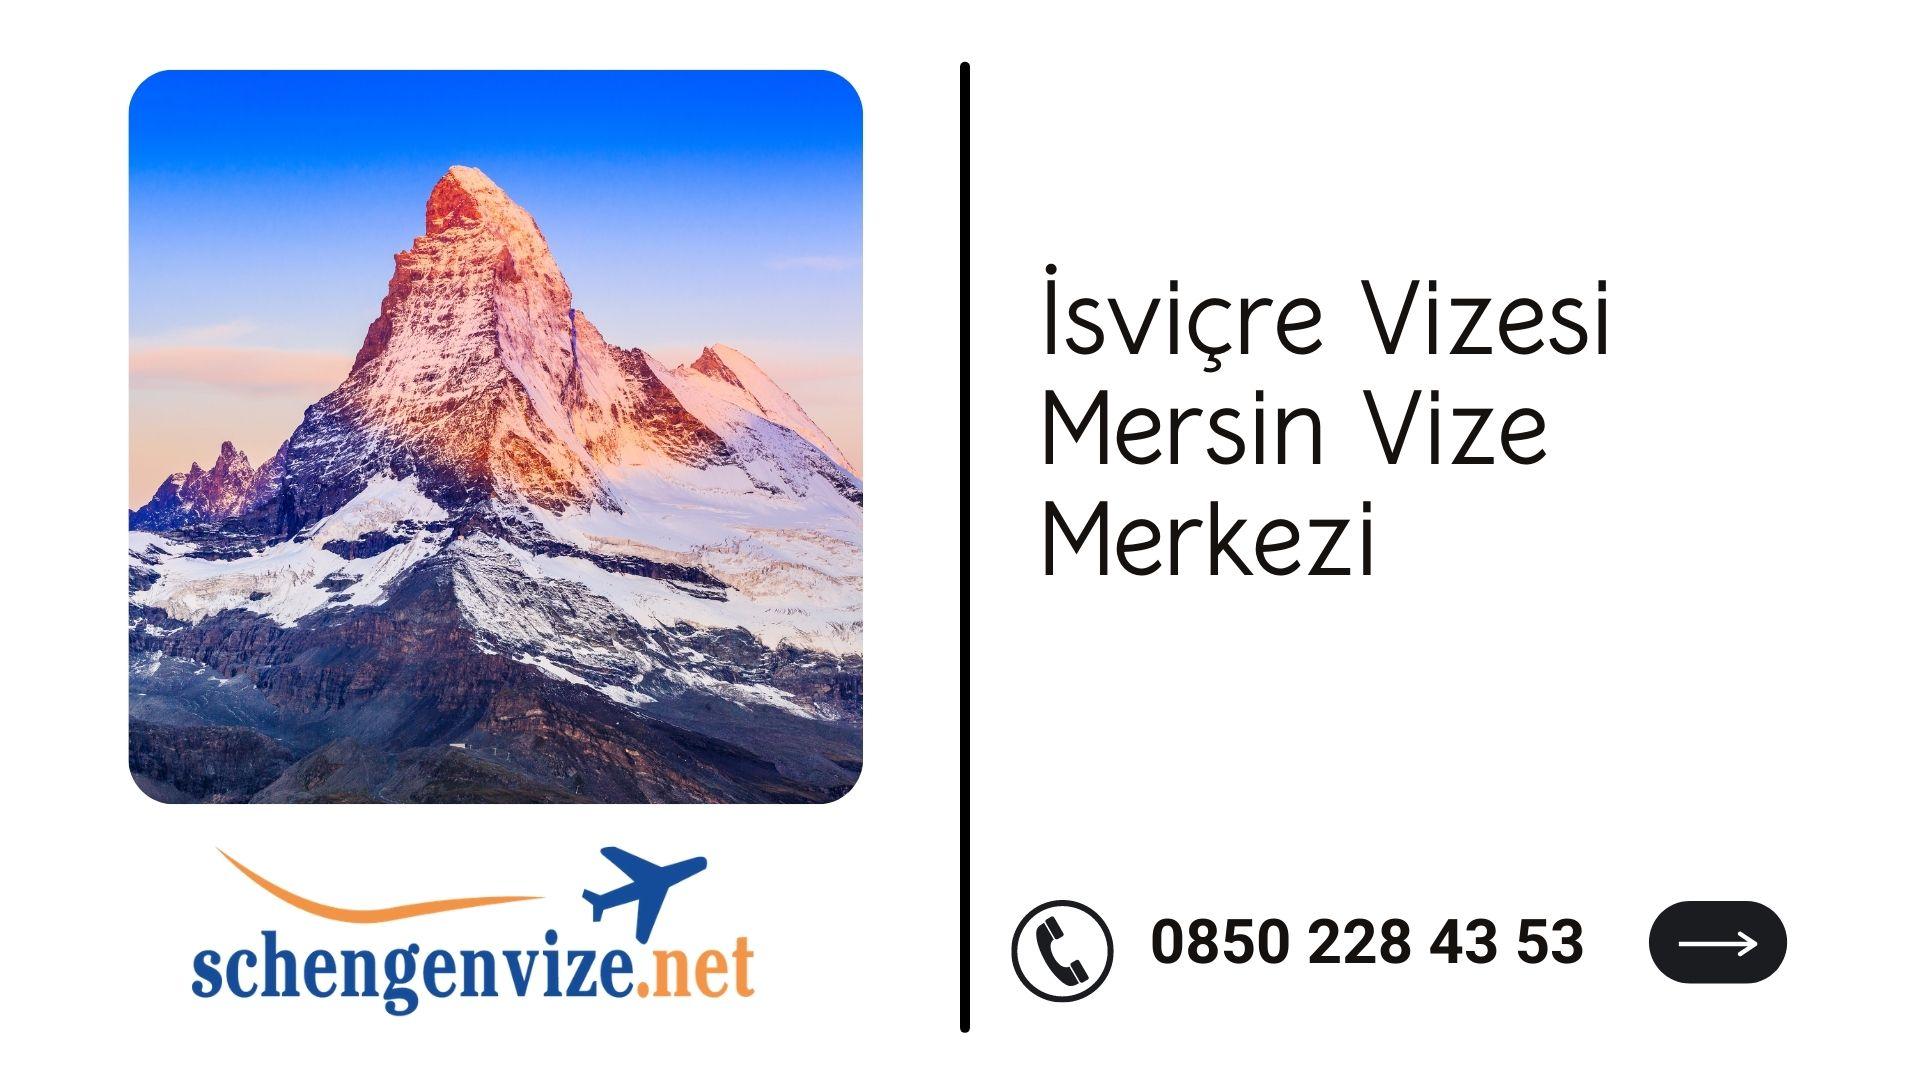 İsviçre Vizesi Mersin Vize Merkezi